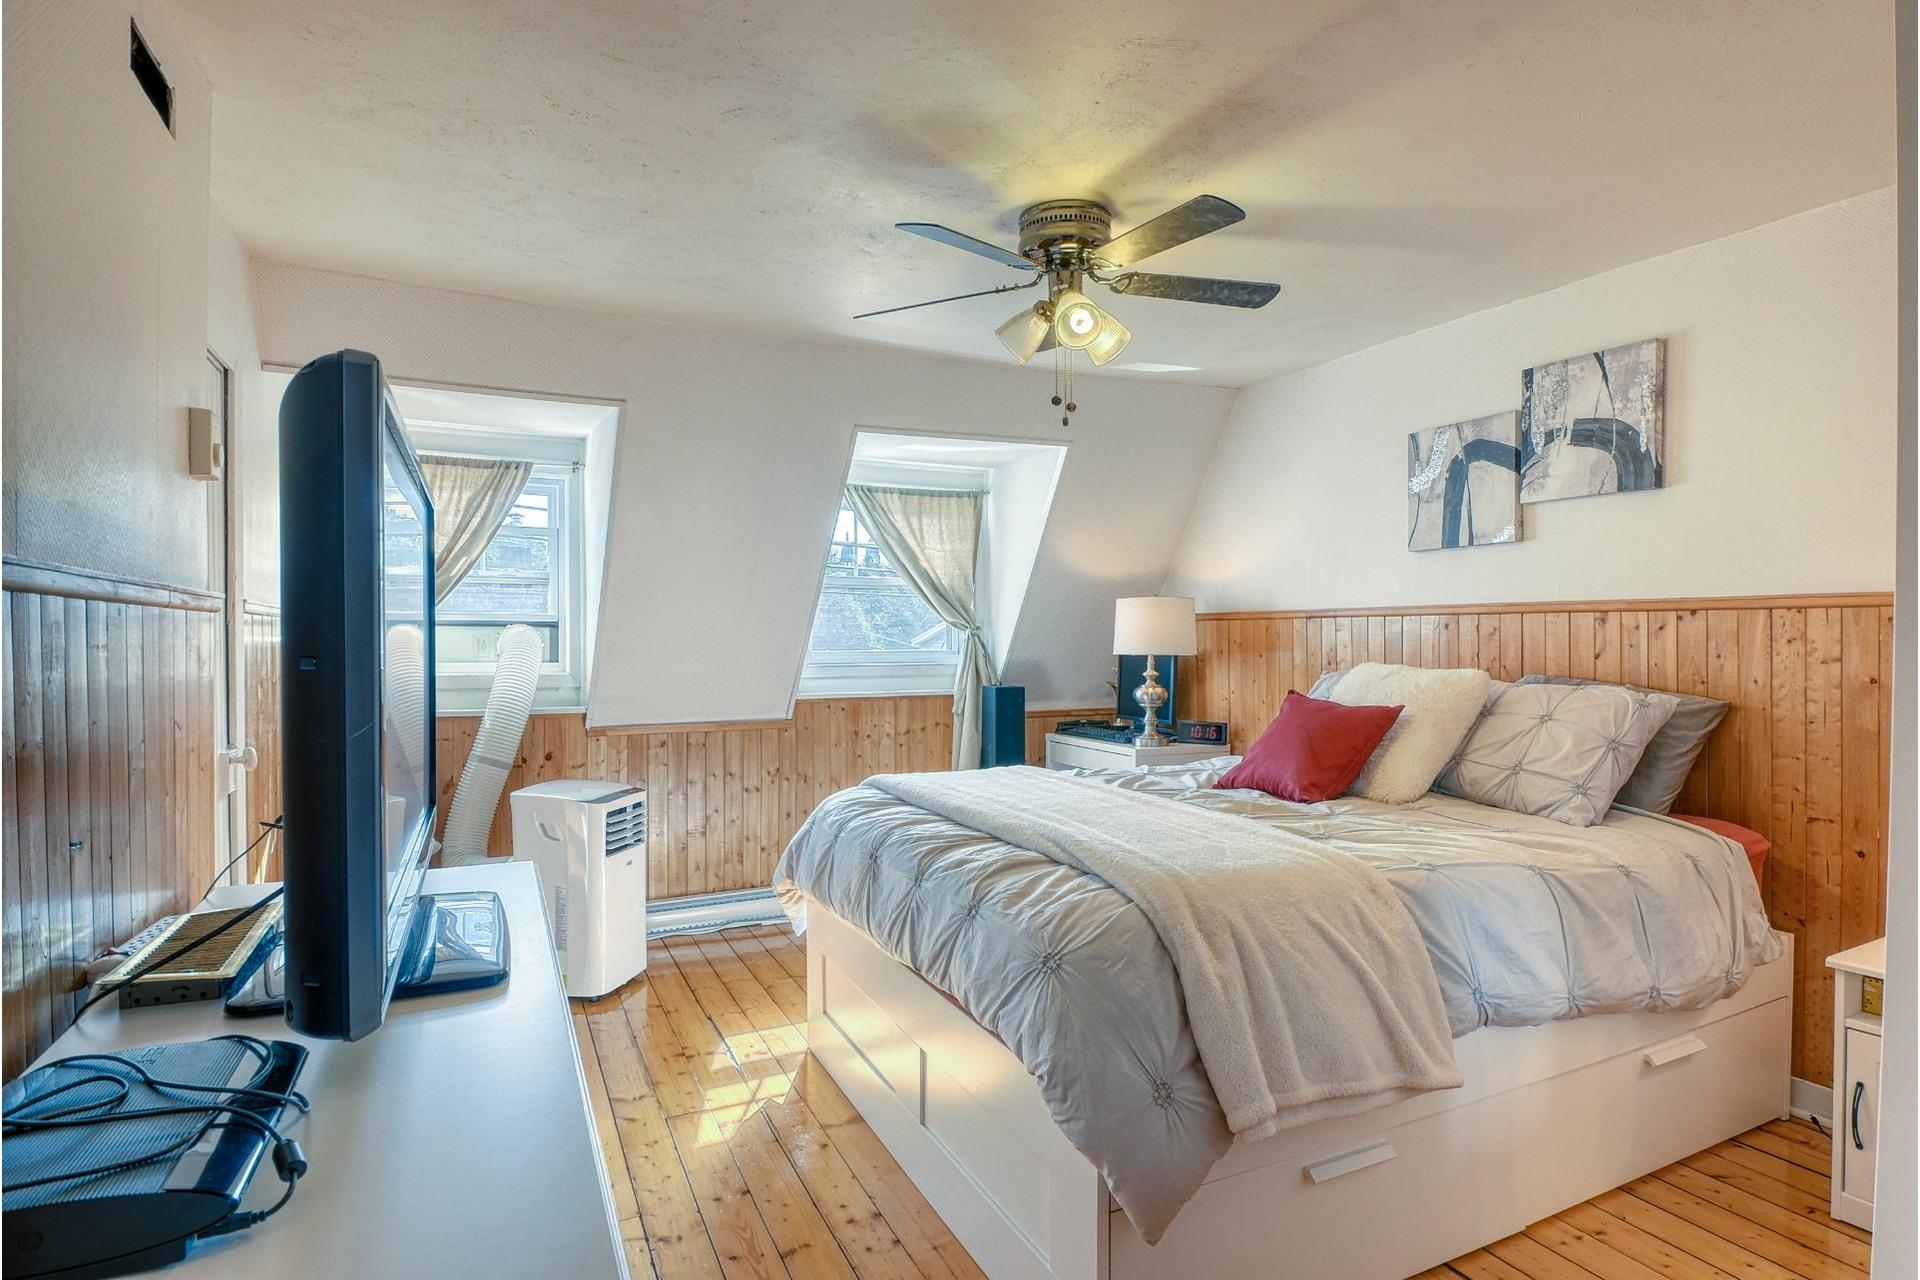 image 25 - Duplex For sale Lachine Montréal  - 5 rooms